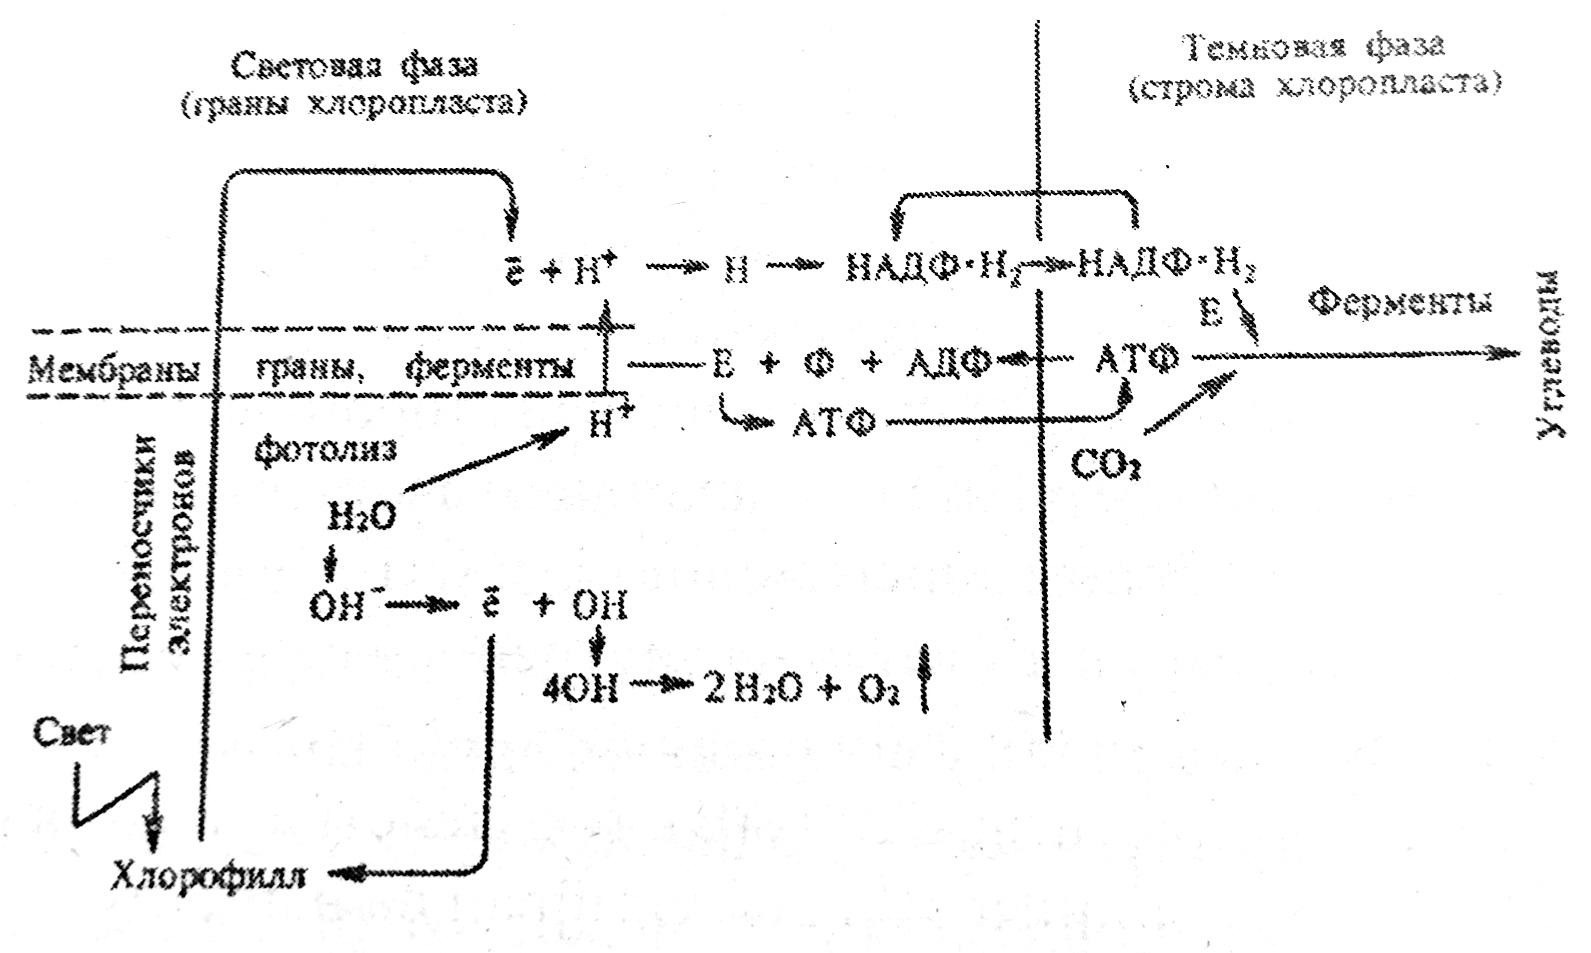 Схема процесса фотосинтеза